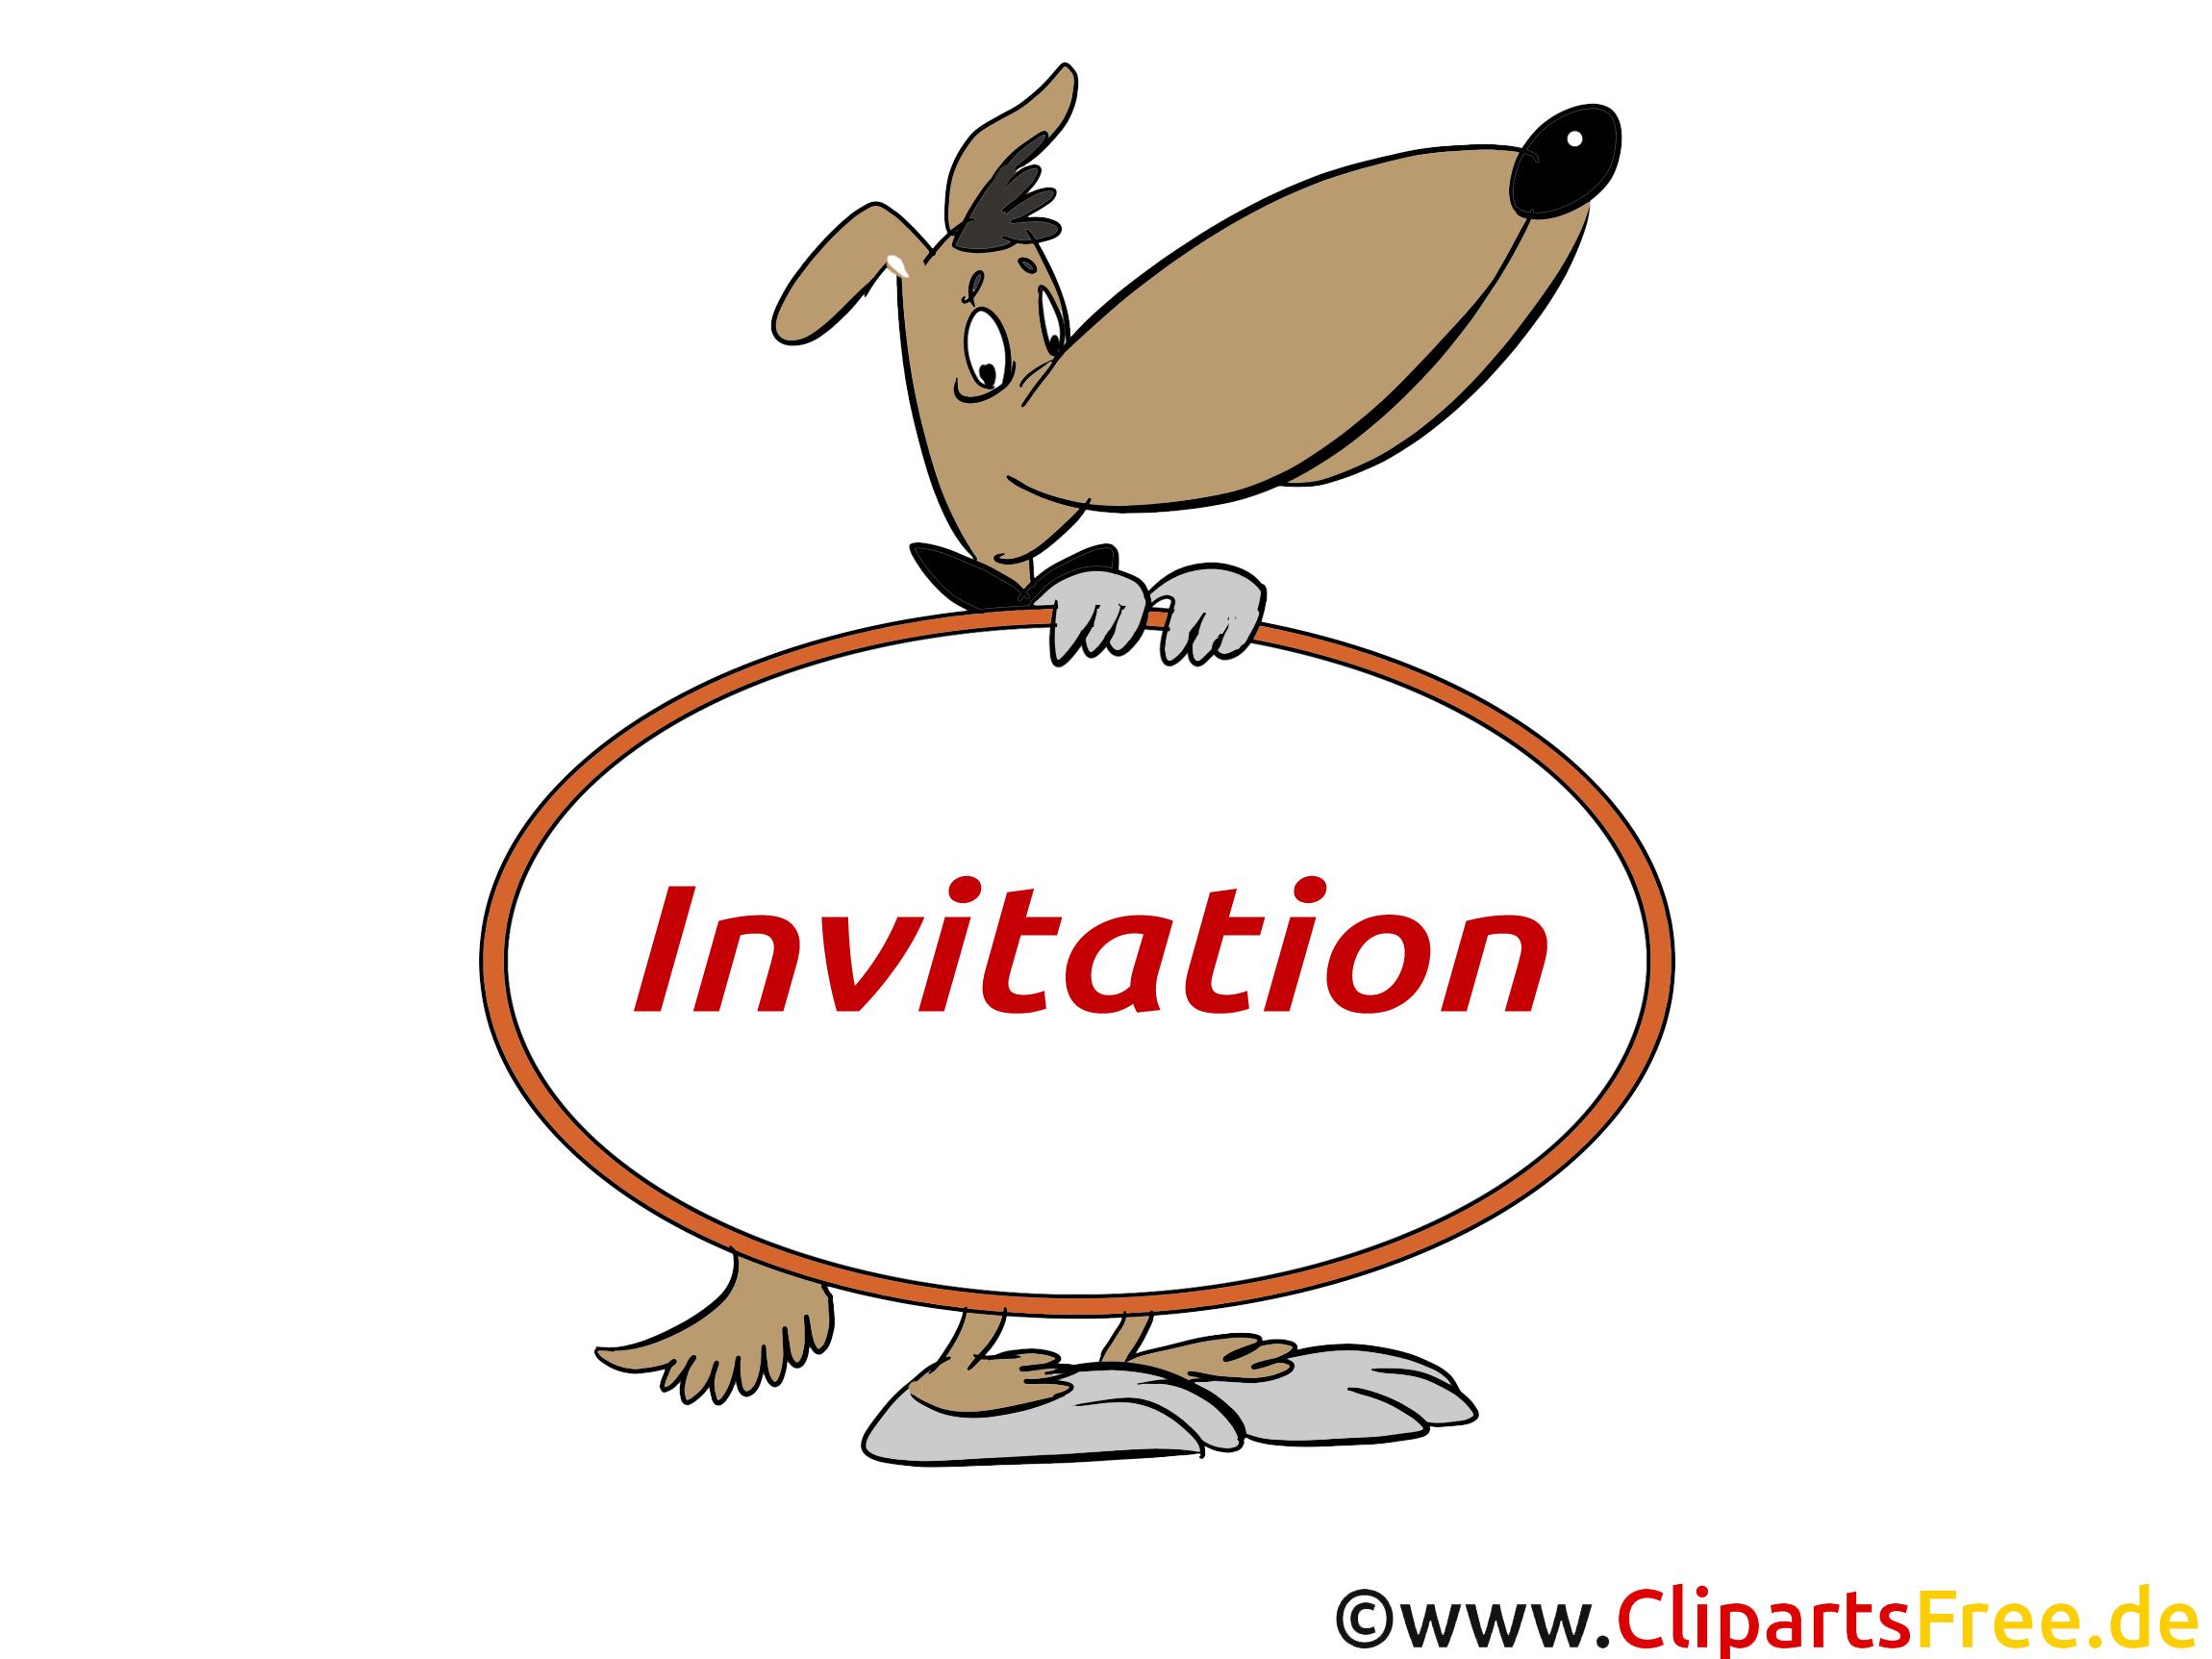 Chien clipart gratuit invitation images invitations dessin picture image graphic clip - Dessin invitation ...